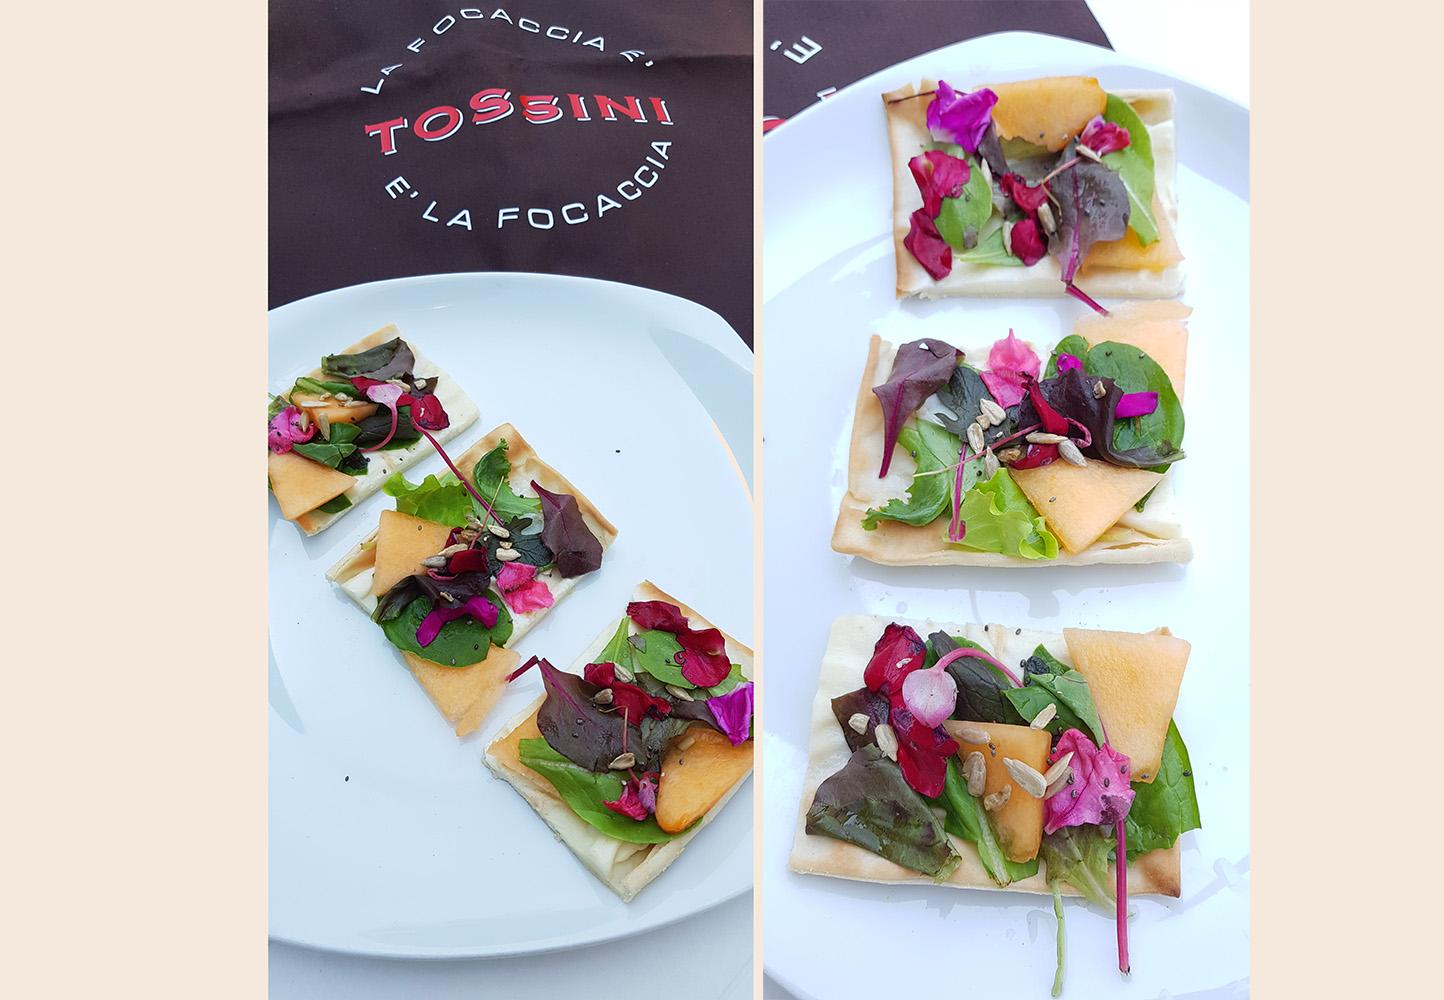 Focaccia col formaggio con insalatina, melone, semi di girasole e fiori eduli - Tossini